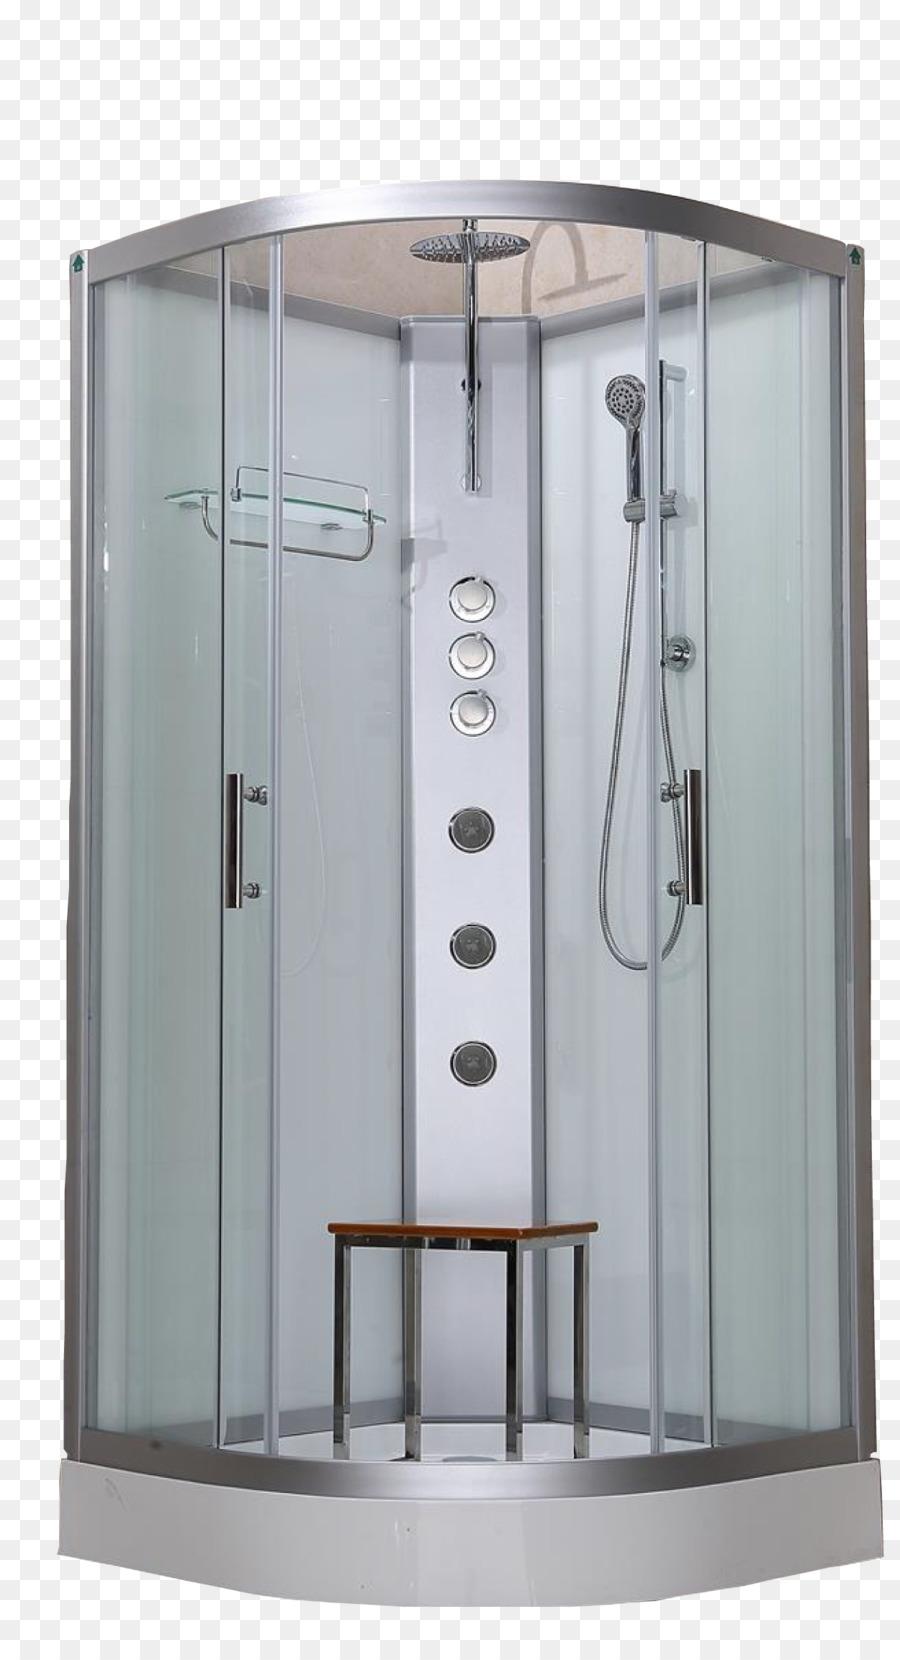 Hot tub Steam shower Bathroom Baths - shower png download - 1250 ...